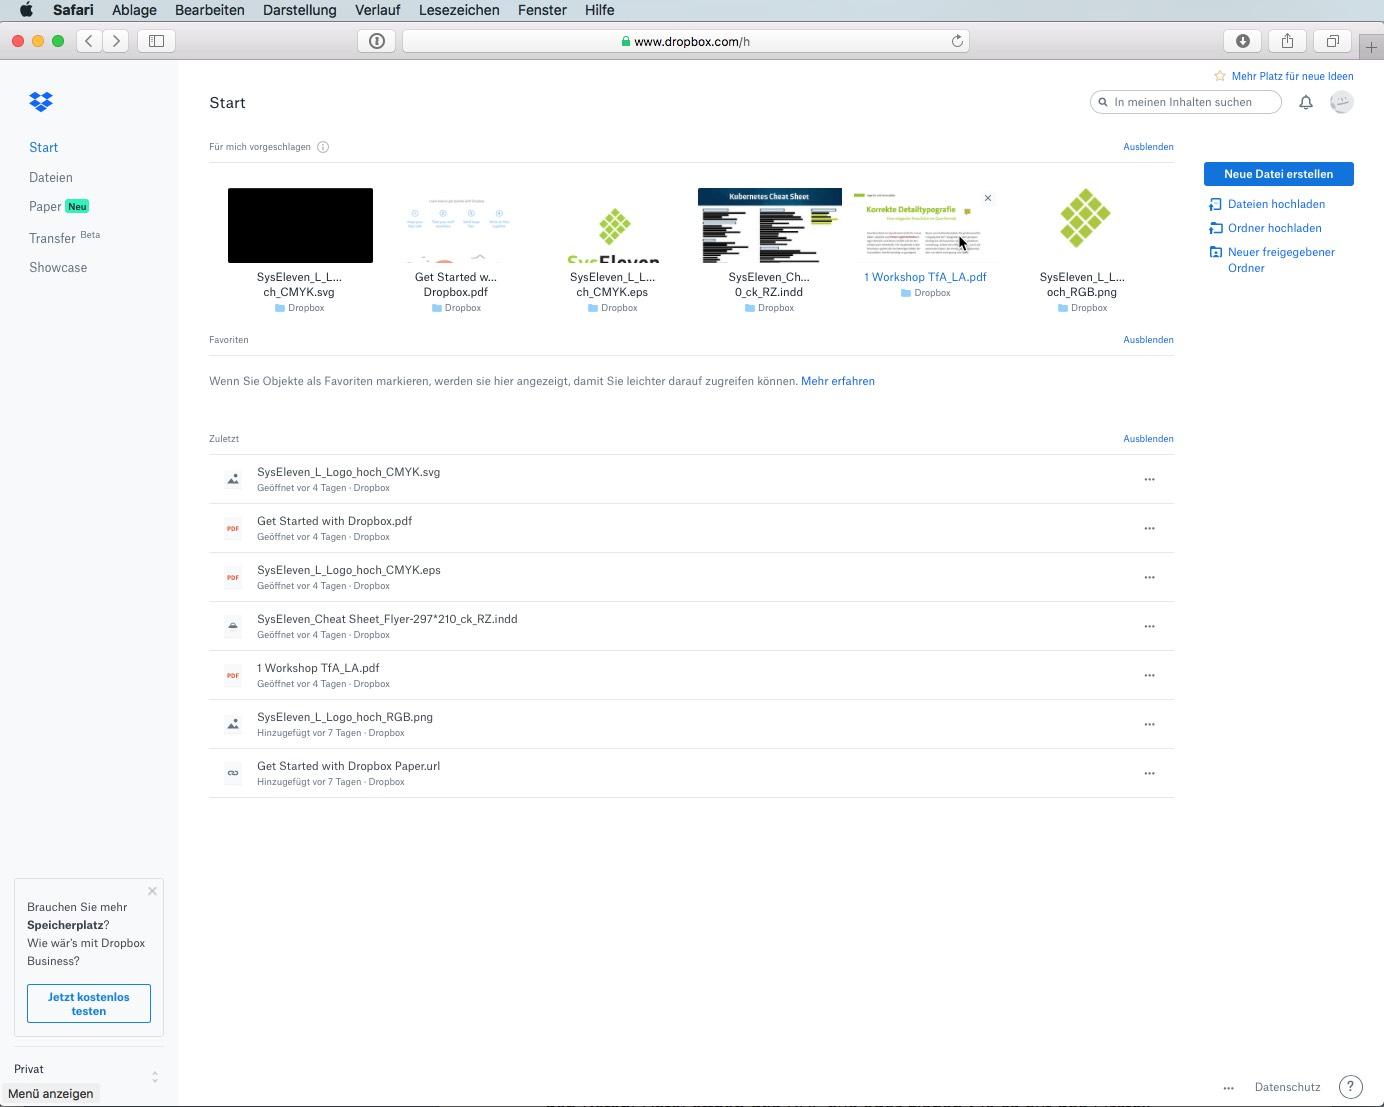 Die Dropbox-Webseite bietet auch eine Vorschaufunktion für die gängigsten Dateitypen